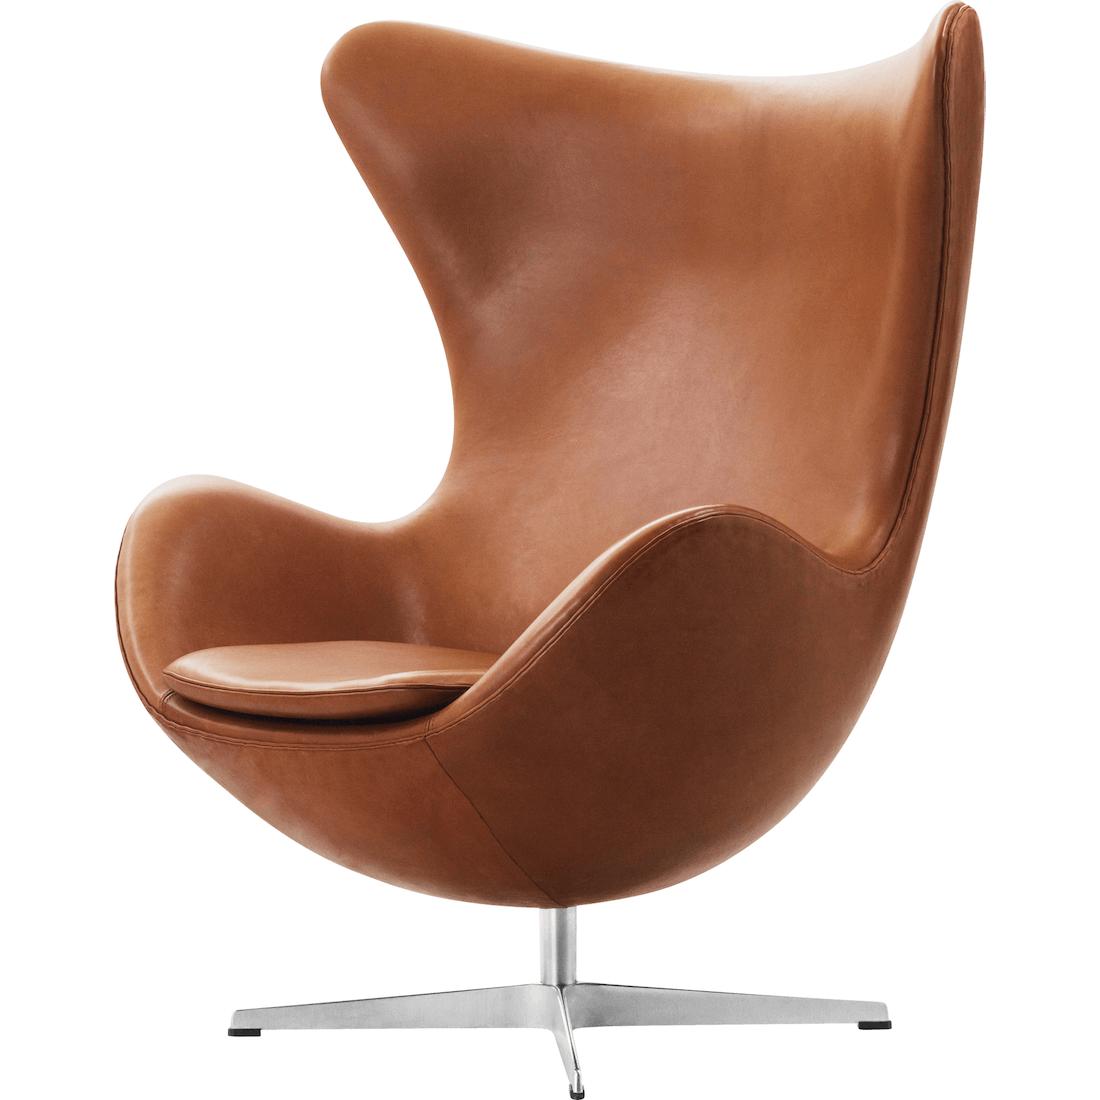 Fritz Hansen Ægget stol - Arne Jacobsen, Grace læder, valnød, Timm Møbler